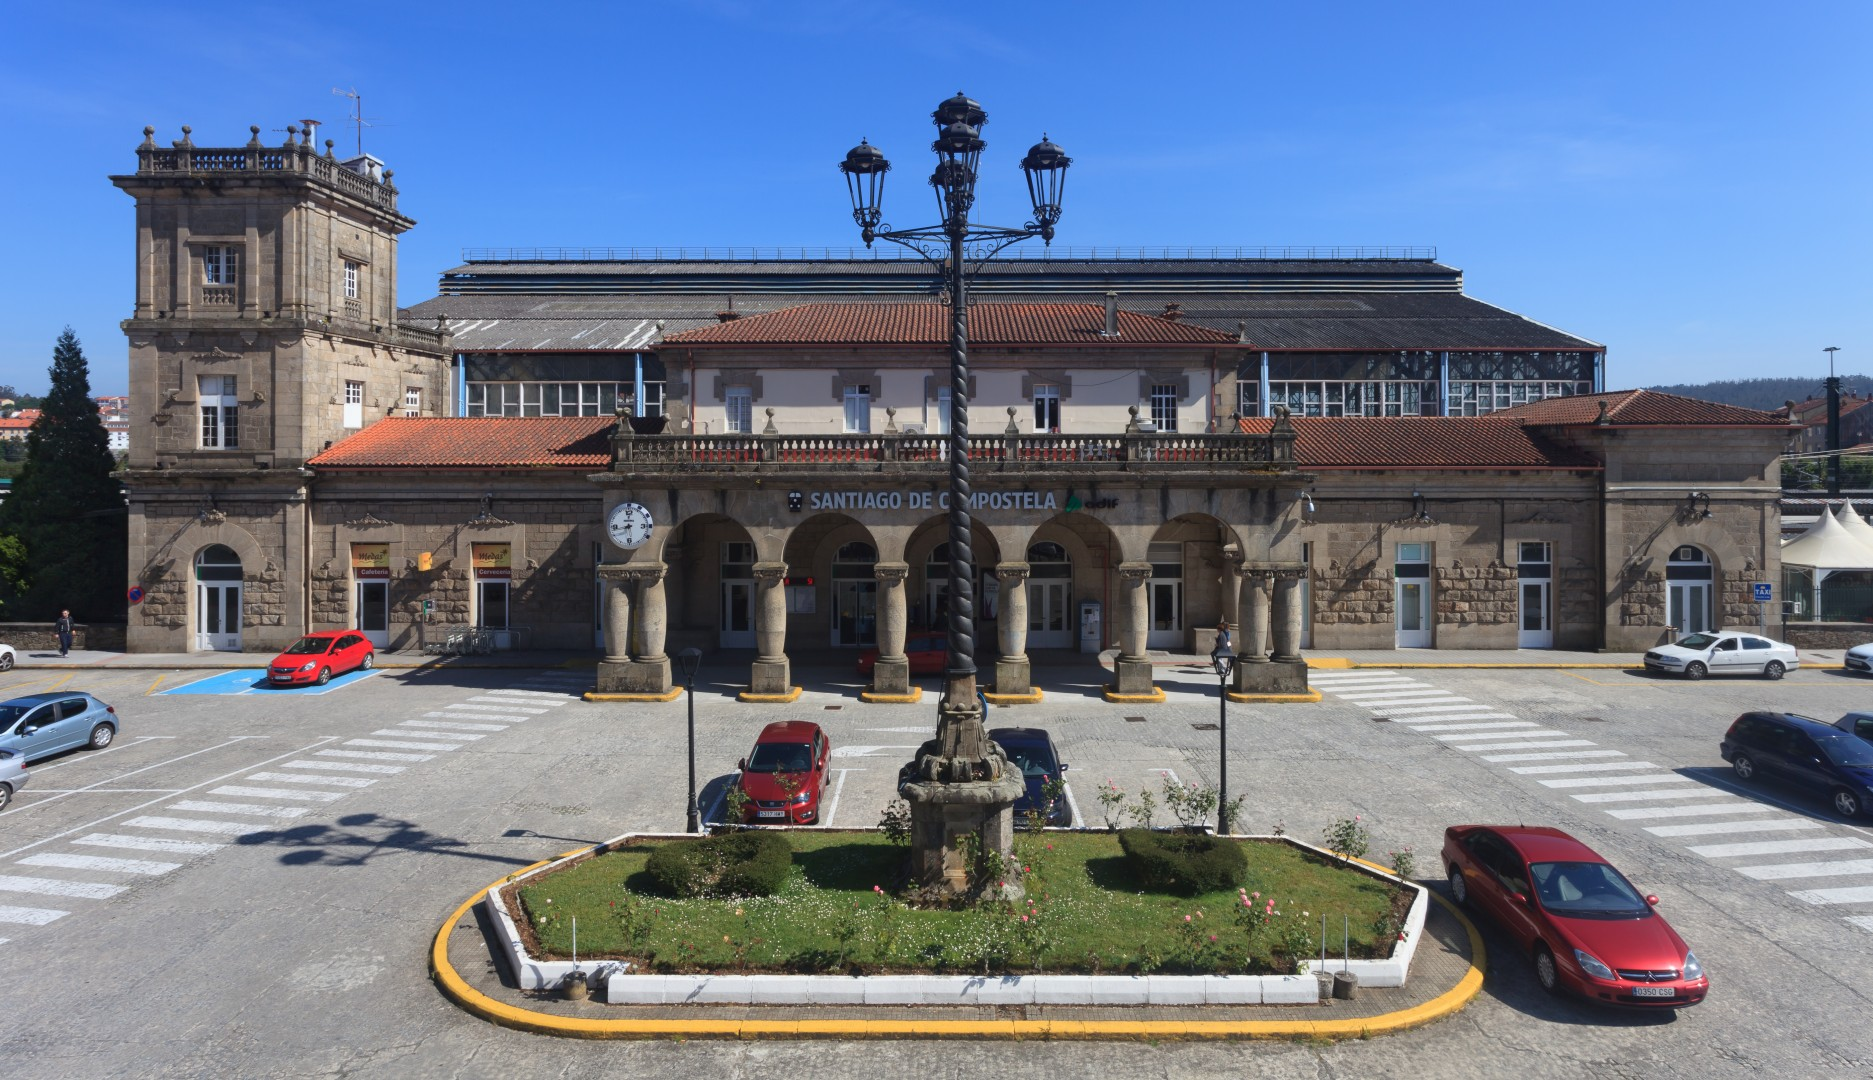 Estaci%c3%b3n_de_tren_de_santiago_de_compostela._galiza-2